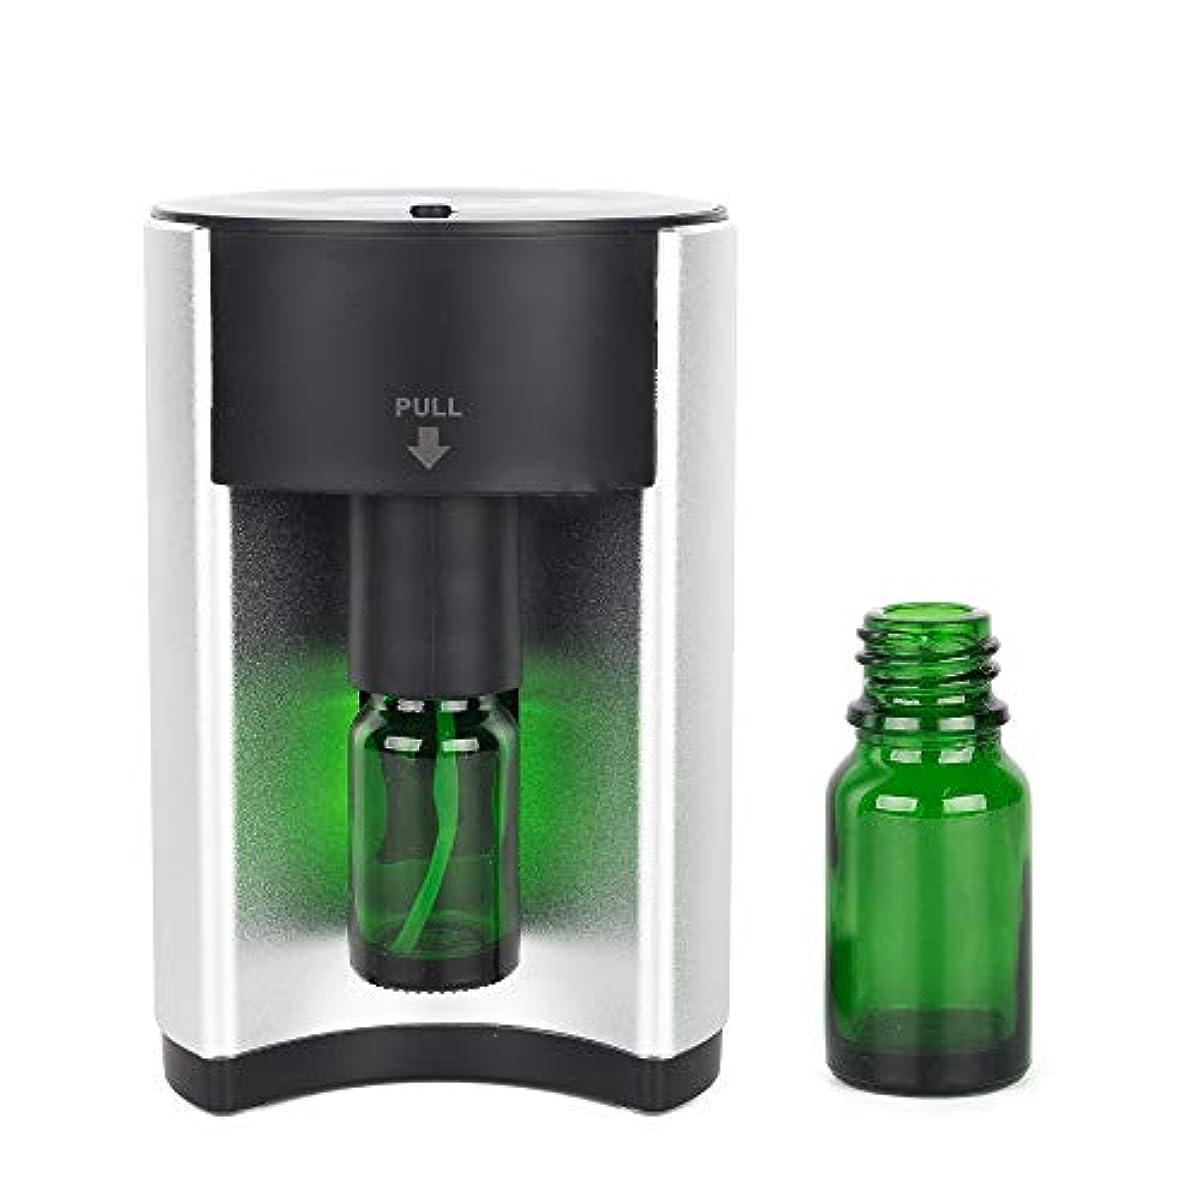 在庫因子血まみれのアロマディフューザー アロマ 芳香器 (GT-SH-S1)アロマオイル ネブライザー式 アロマポット usb コンセント 小型 香り おしゃれ 可愛い シンプル 軽量 卓上 シンプル スマート 水を使わない オイル別売り